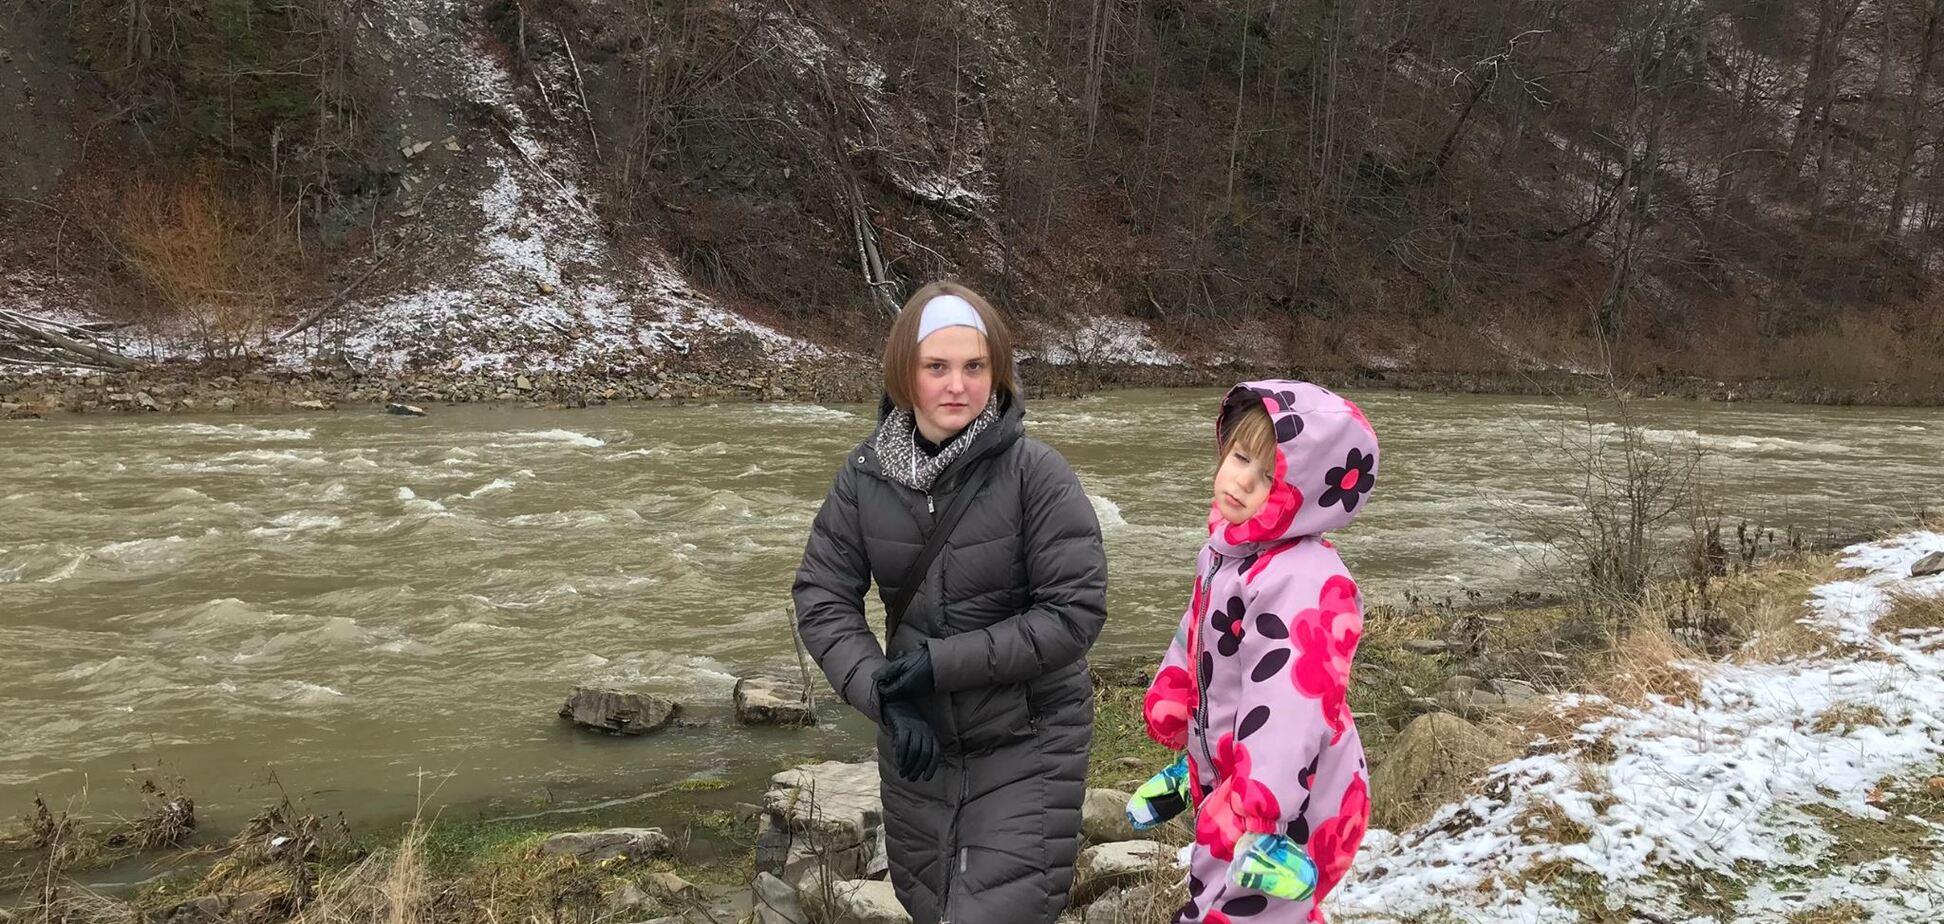 Поиски продолжаются: появилась новая информация о пропавших в Харькове маме с дочкой